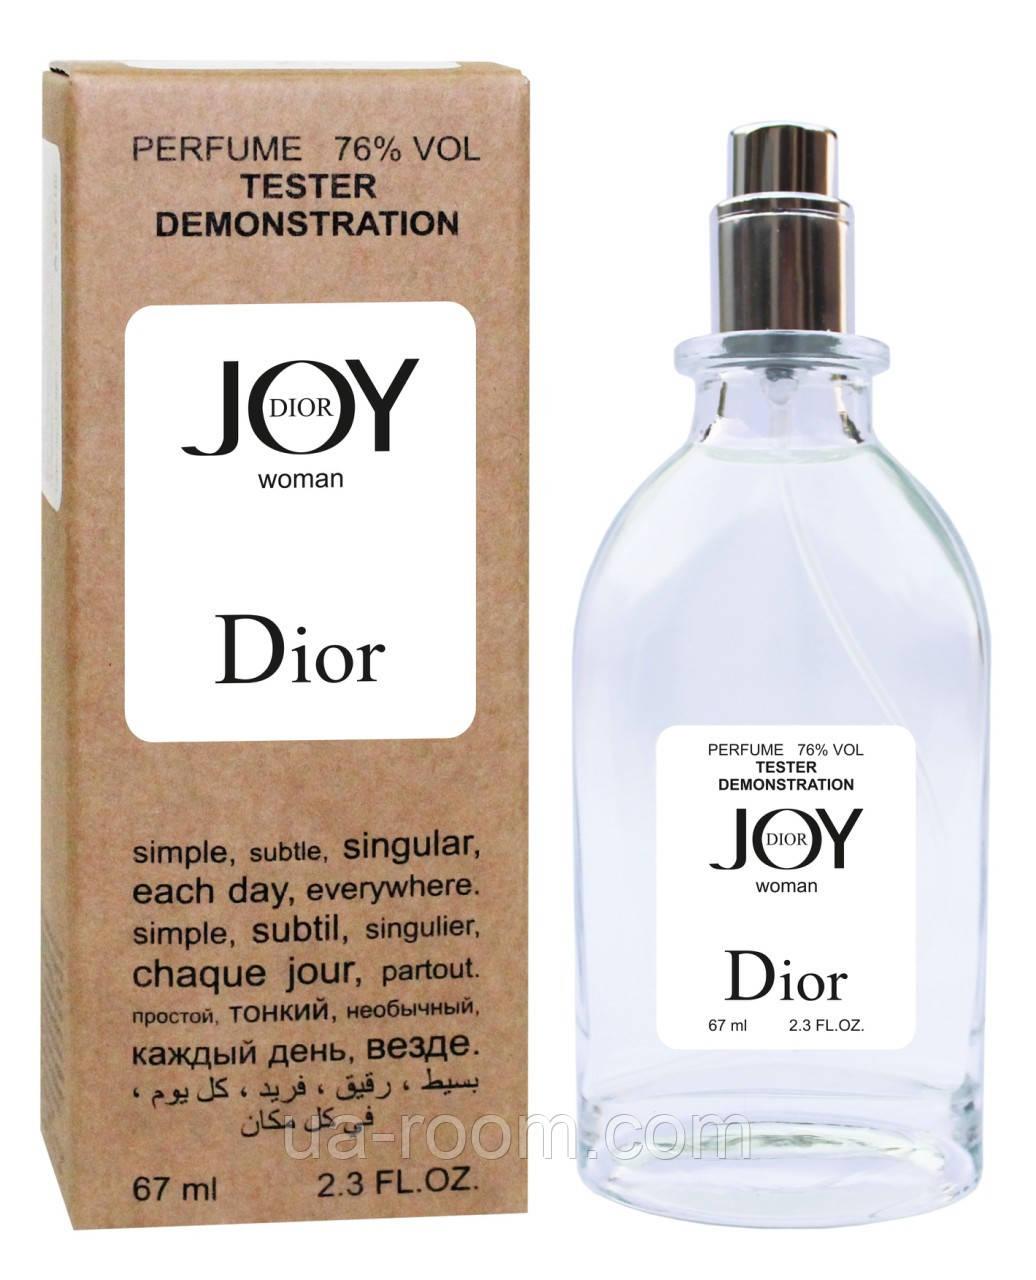 Тестер женский Christian Dior Joy, 67 мл.